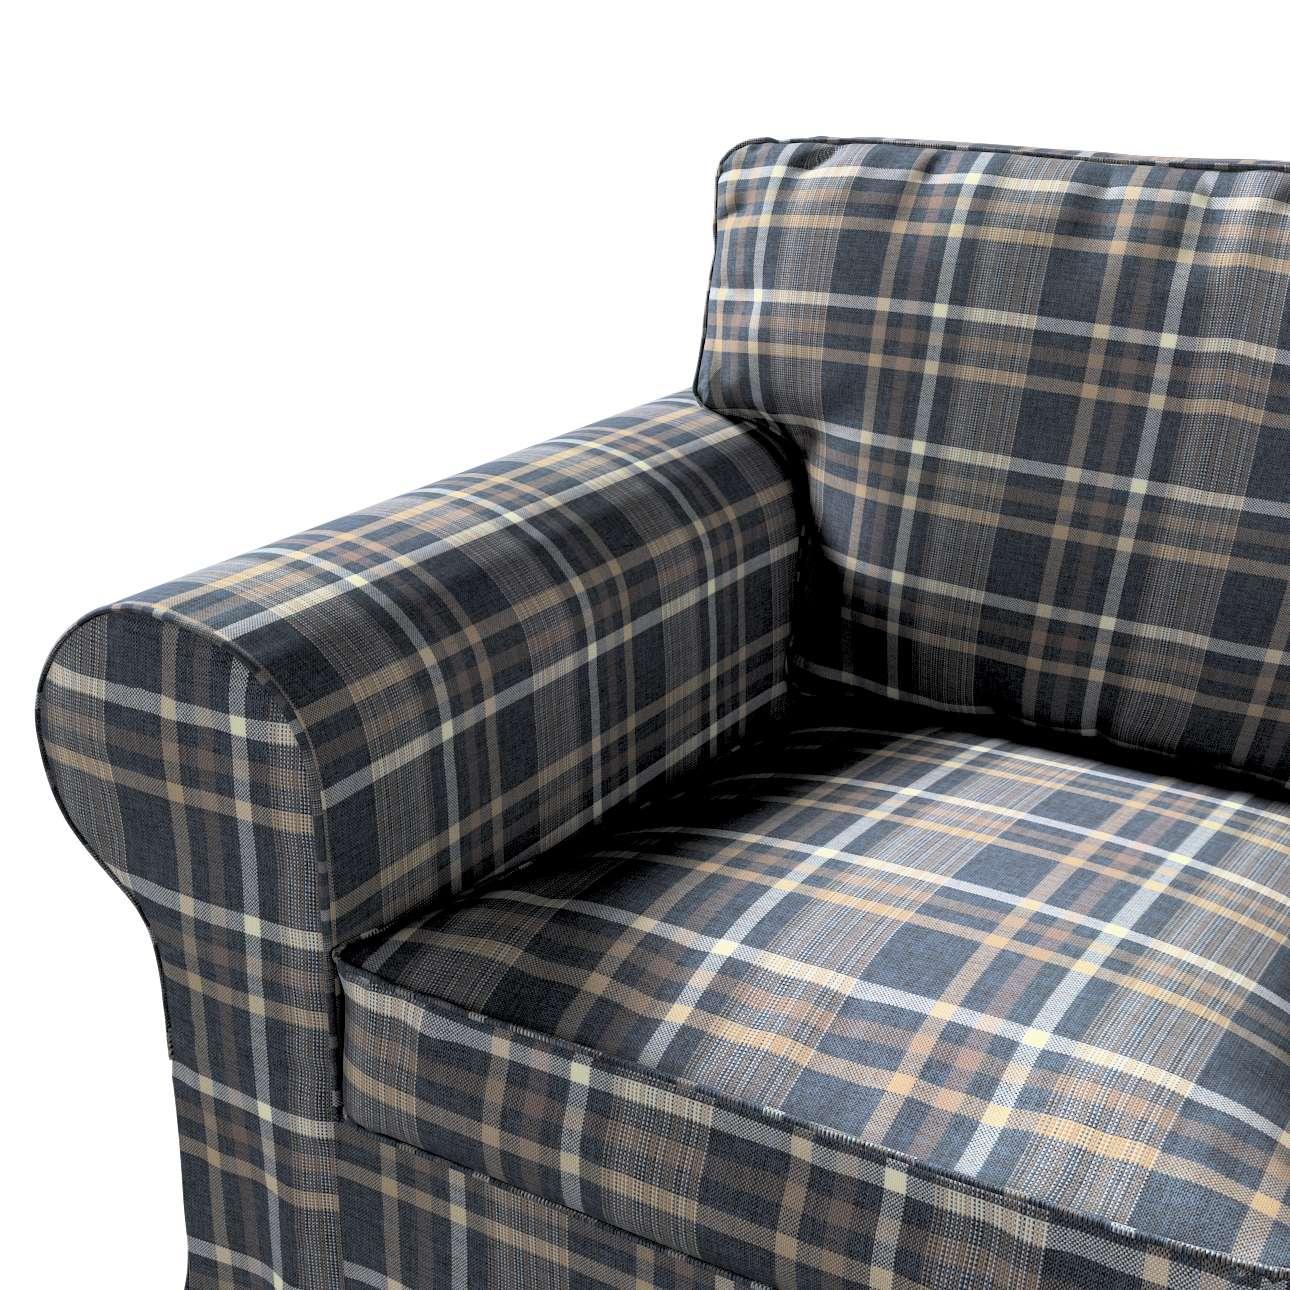 Pokrowiec na fotel Ektorp w kolekcji Edinburgh, tkanina: 703-16